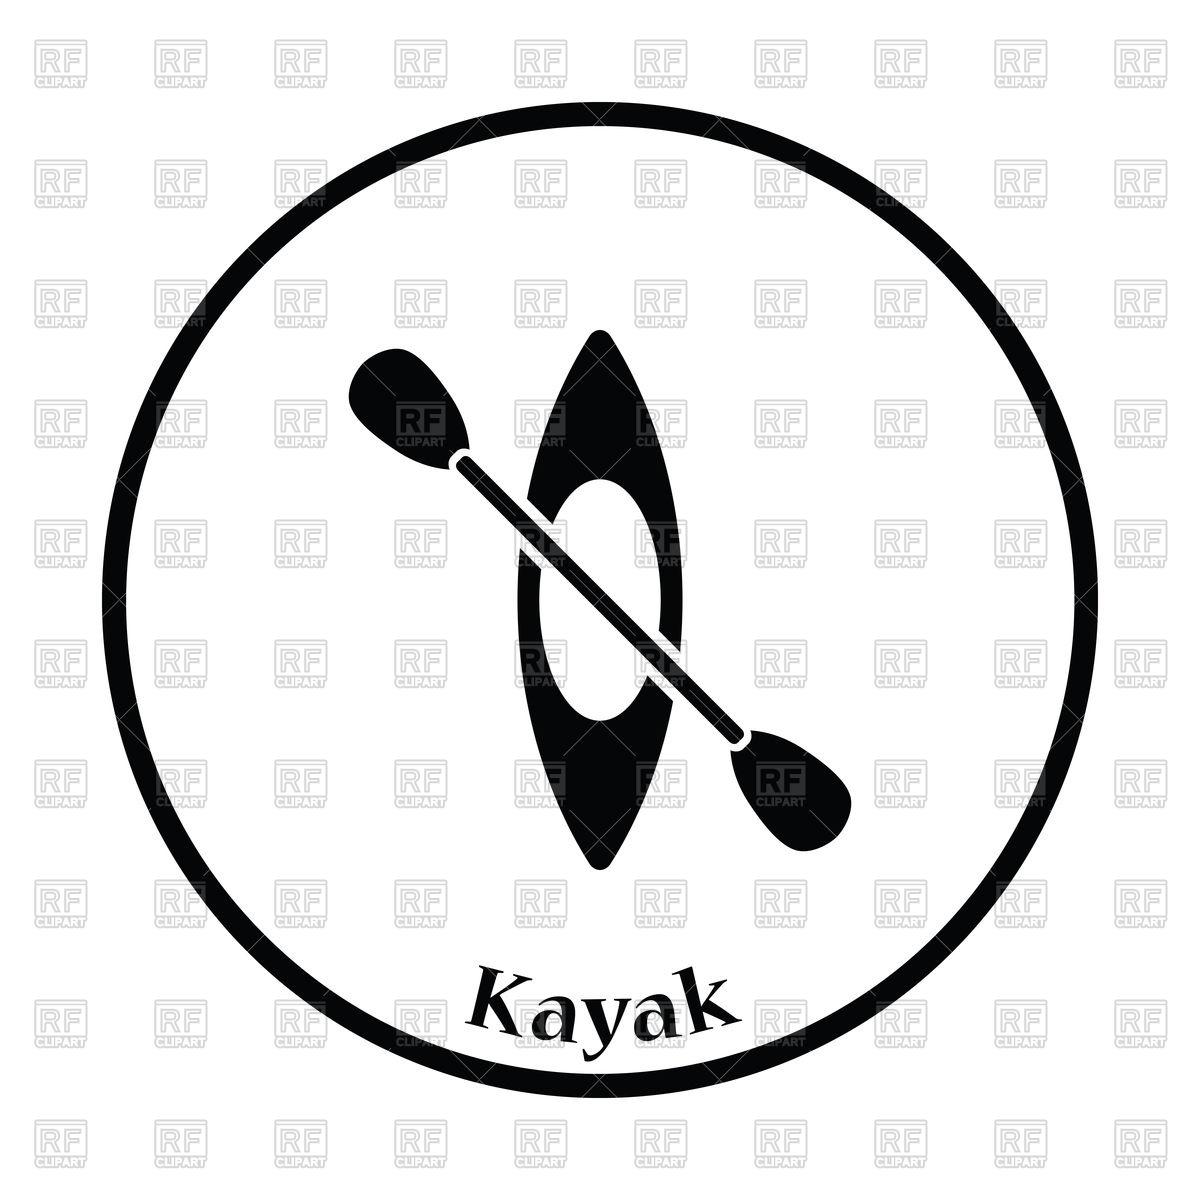 Kayak free download best. Kayaking clipart icon